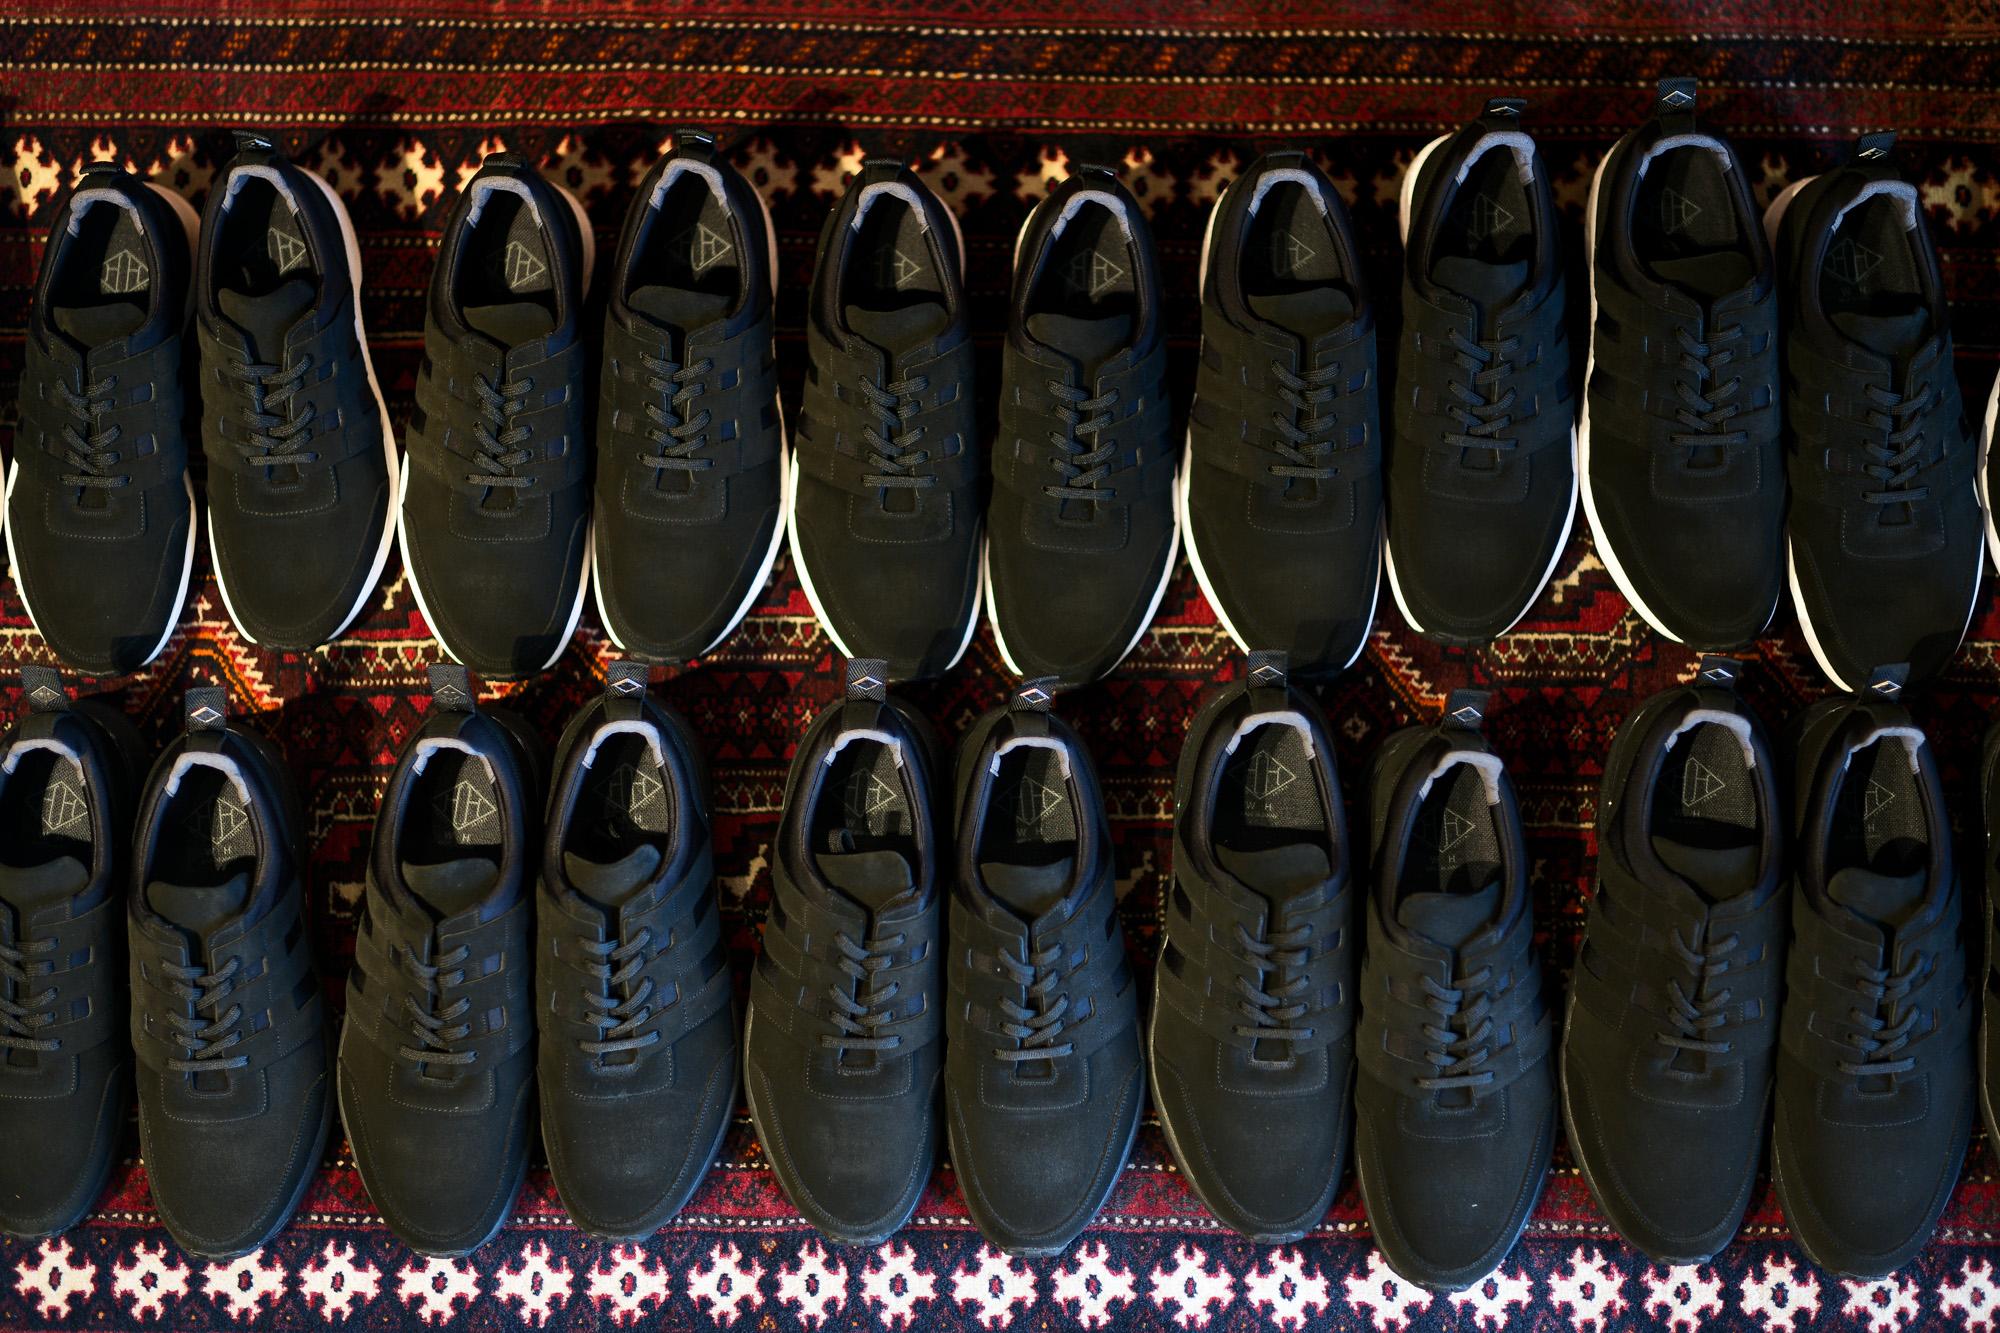 WH (ダブルエイチ) WH-0111S Faster Last(ファスターラスト) Suede Leather スエードレザー スニーカー BLACK×WHITE (ブラック×ホワイト) MADE IN JAPAN (日本製) 2020春夏新作【Alto e Diritto 別注 限定スエードモデル】愛知 名古屋 alto e diritto altoediritto アルトエデリット